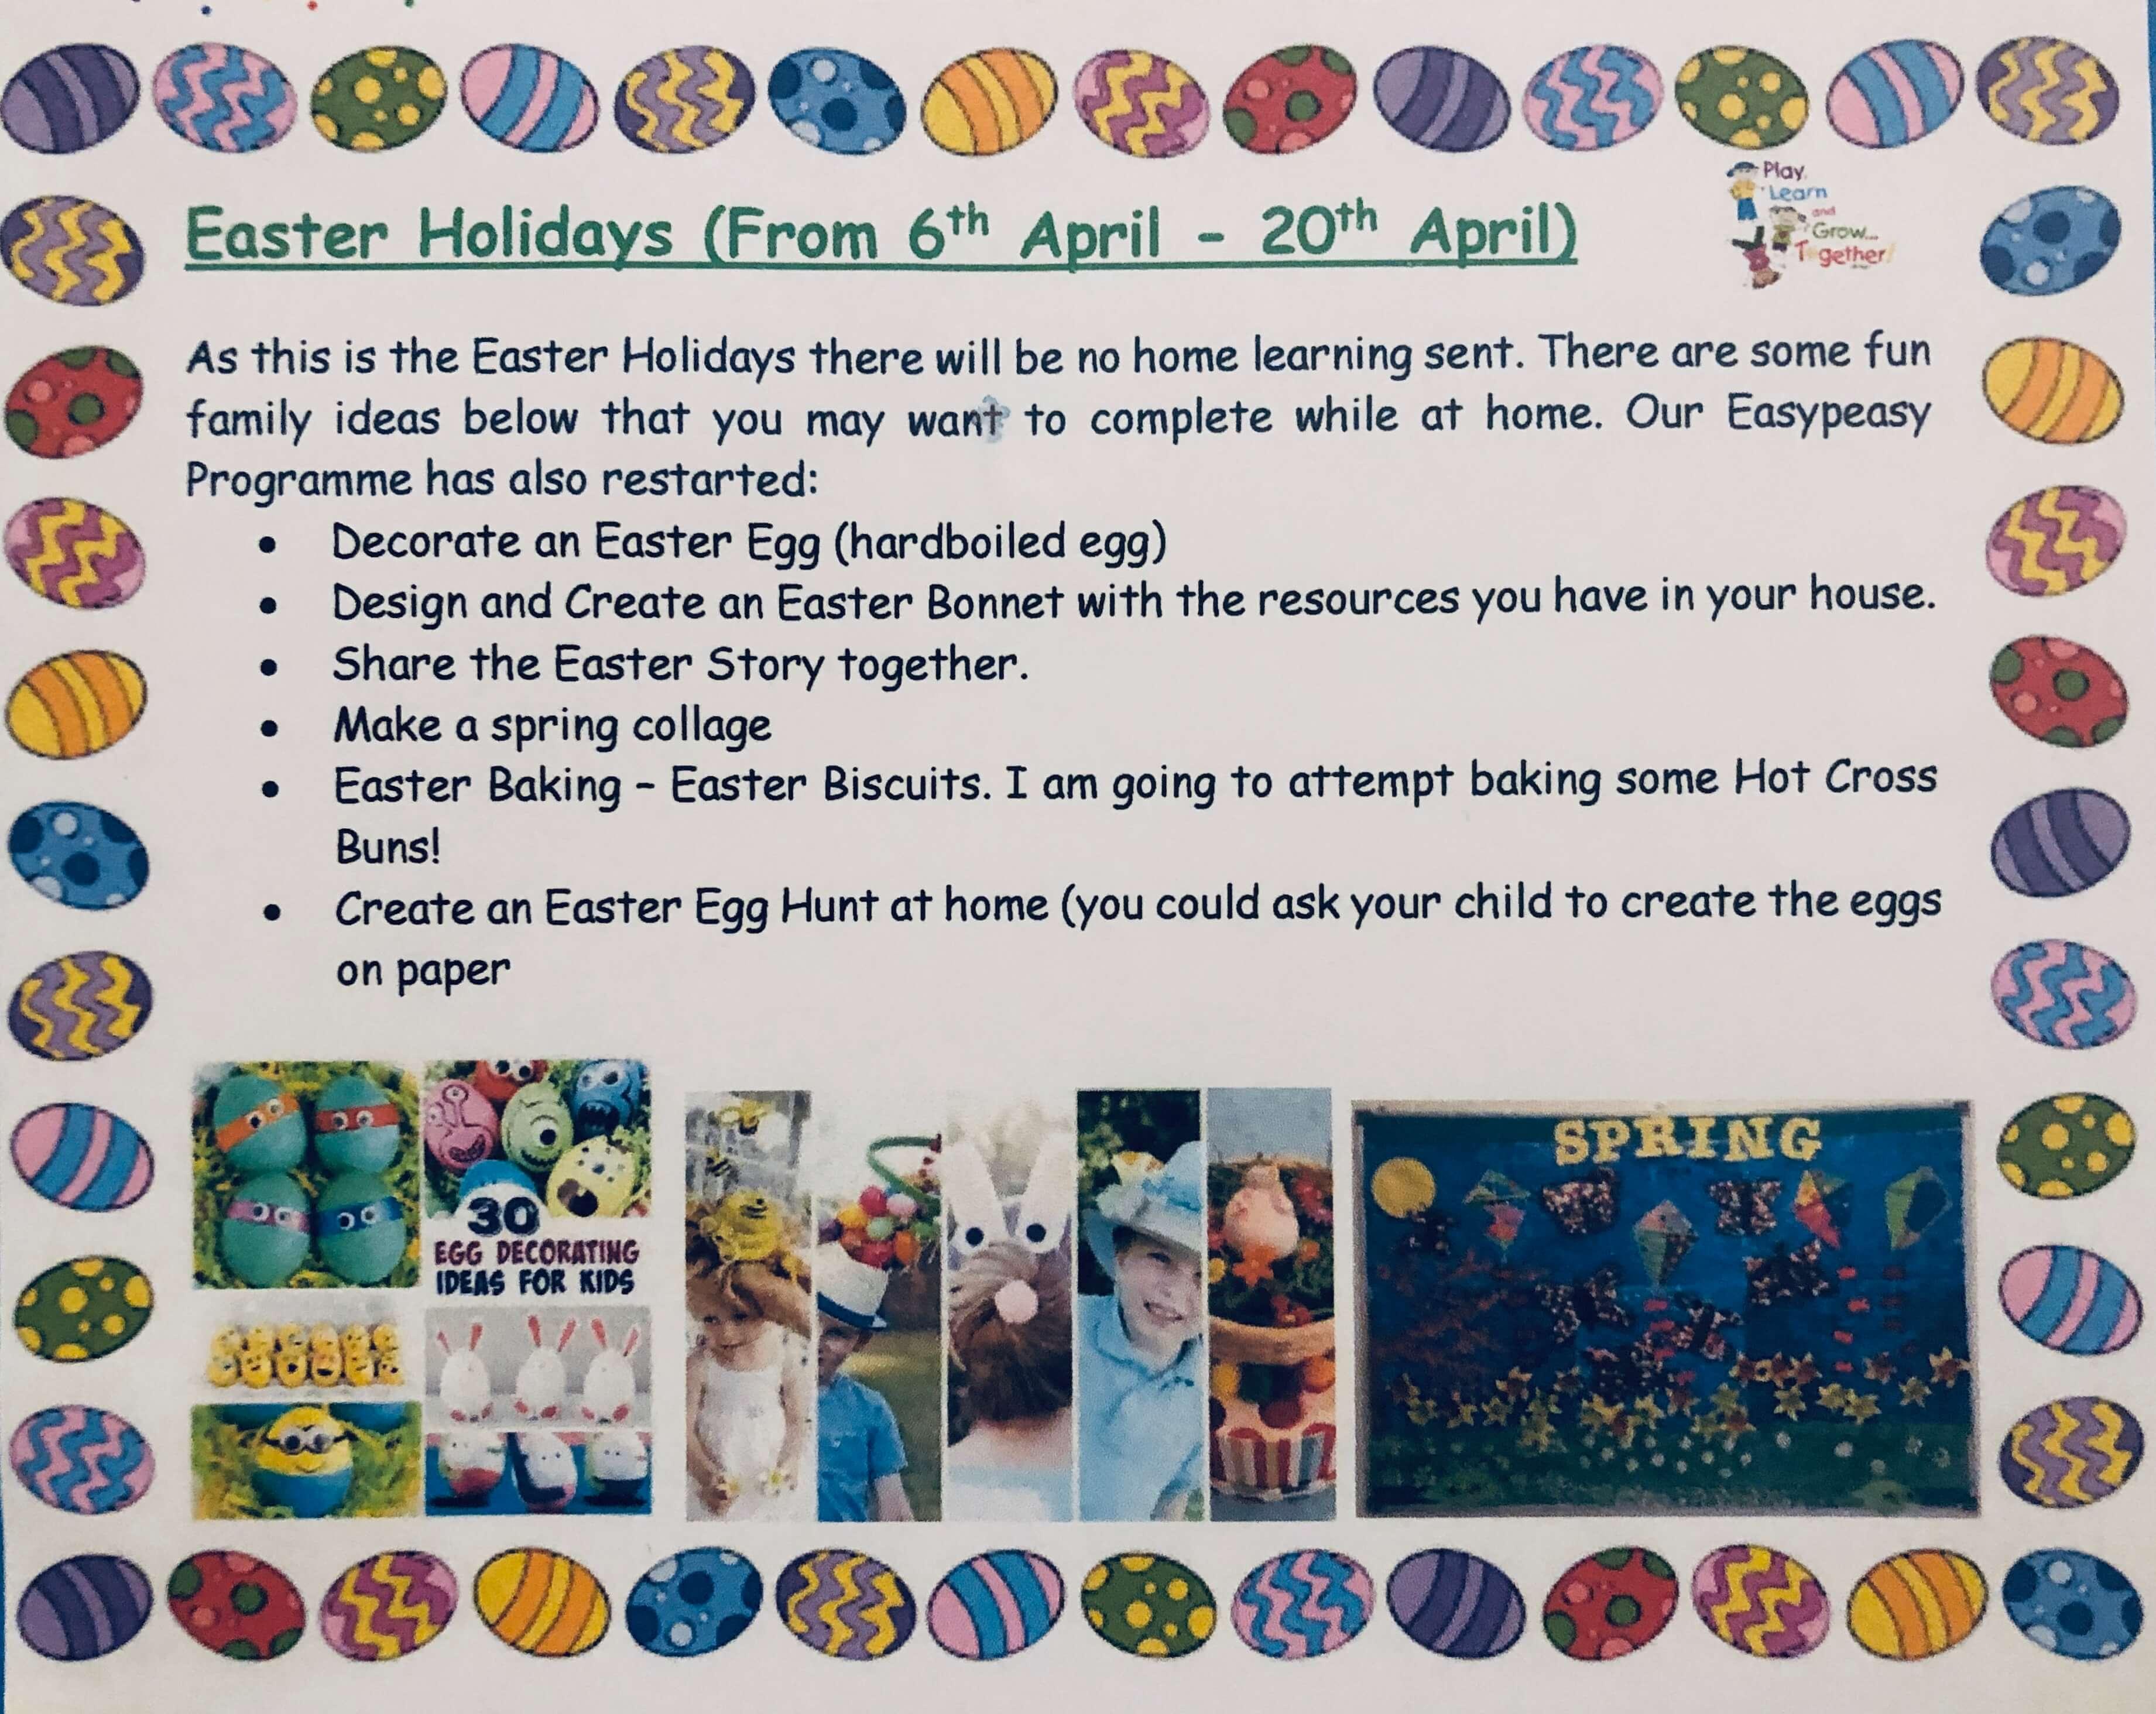 エリザベス女王のメッセージと復活祭